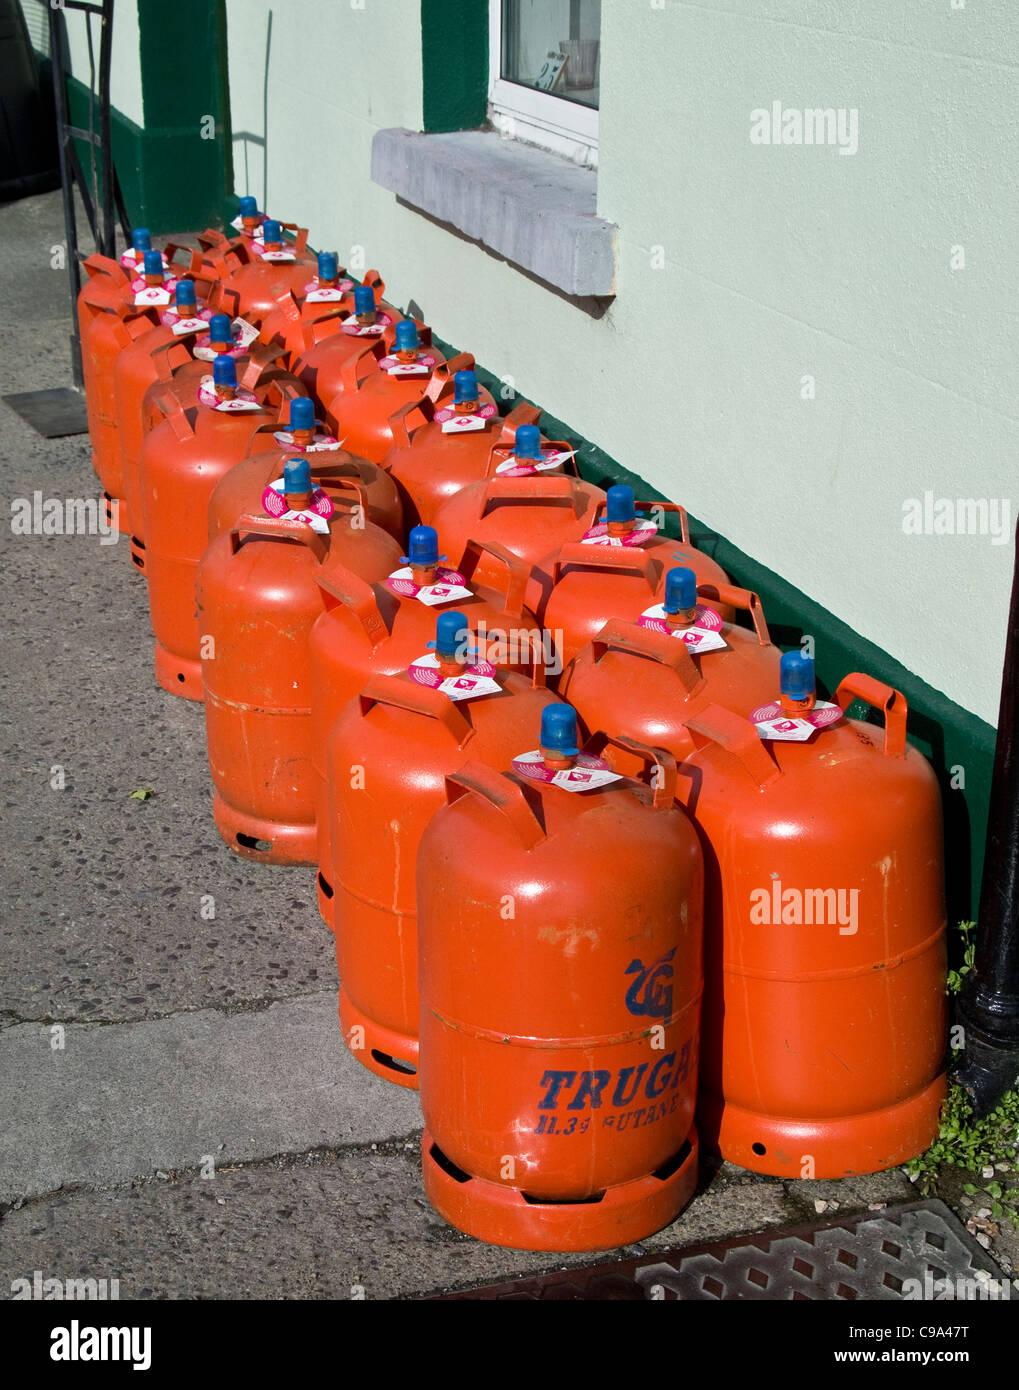 Las bombonas de gas doméstico en venta fuera de una tienda de hardware en Skerries, condado de Dublín, Imagen De Stock